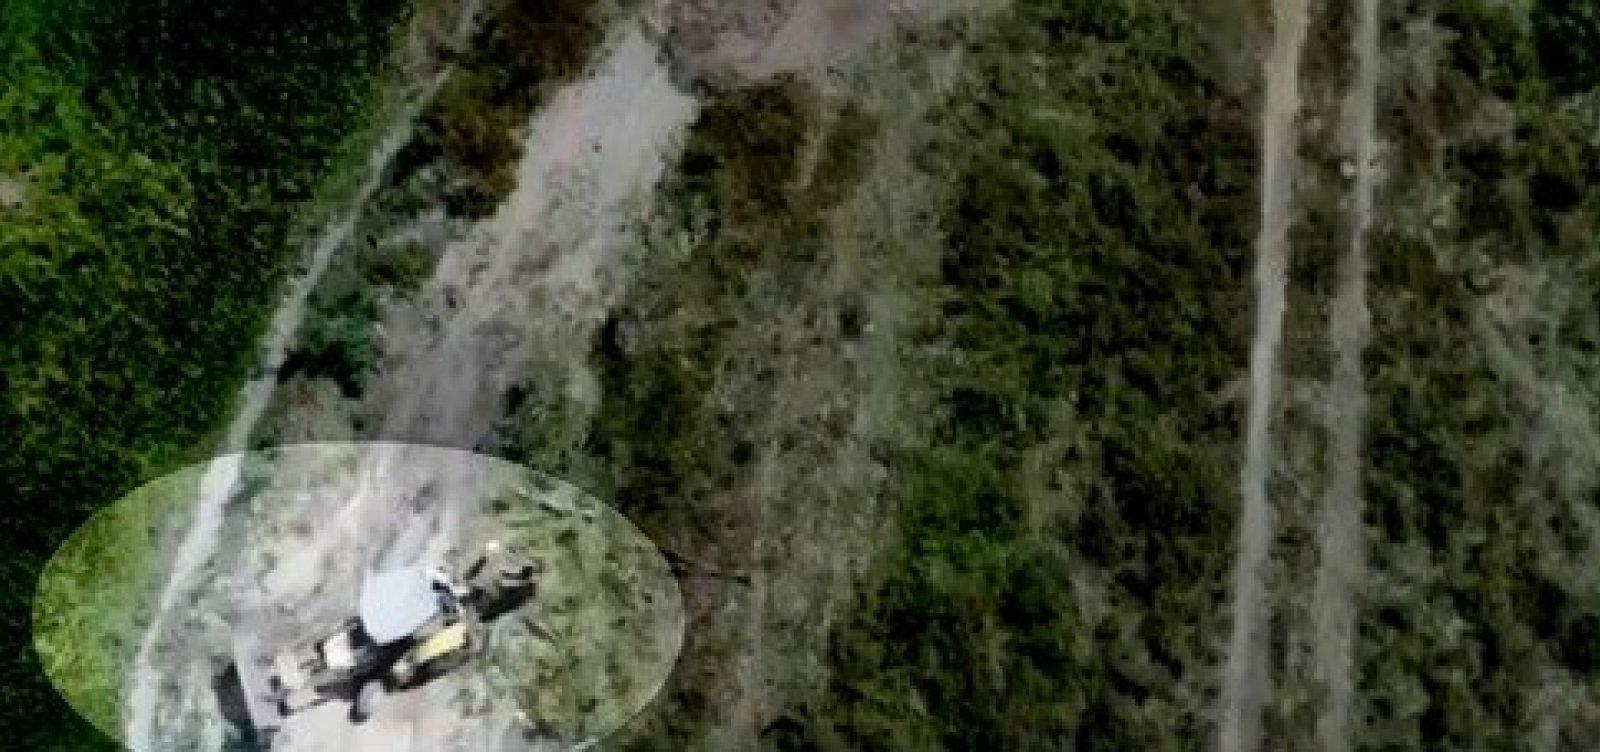 Pecuaristas do sul da Bahia denunciam invasão de áreas desapropriadas